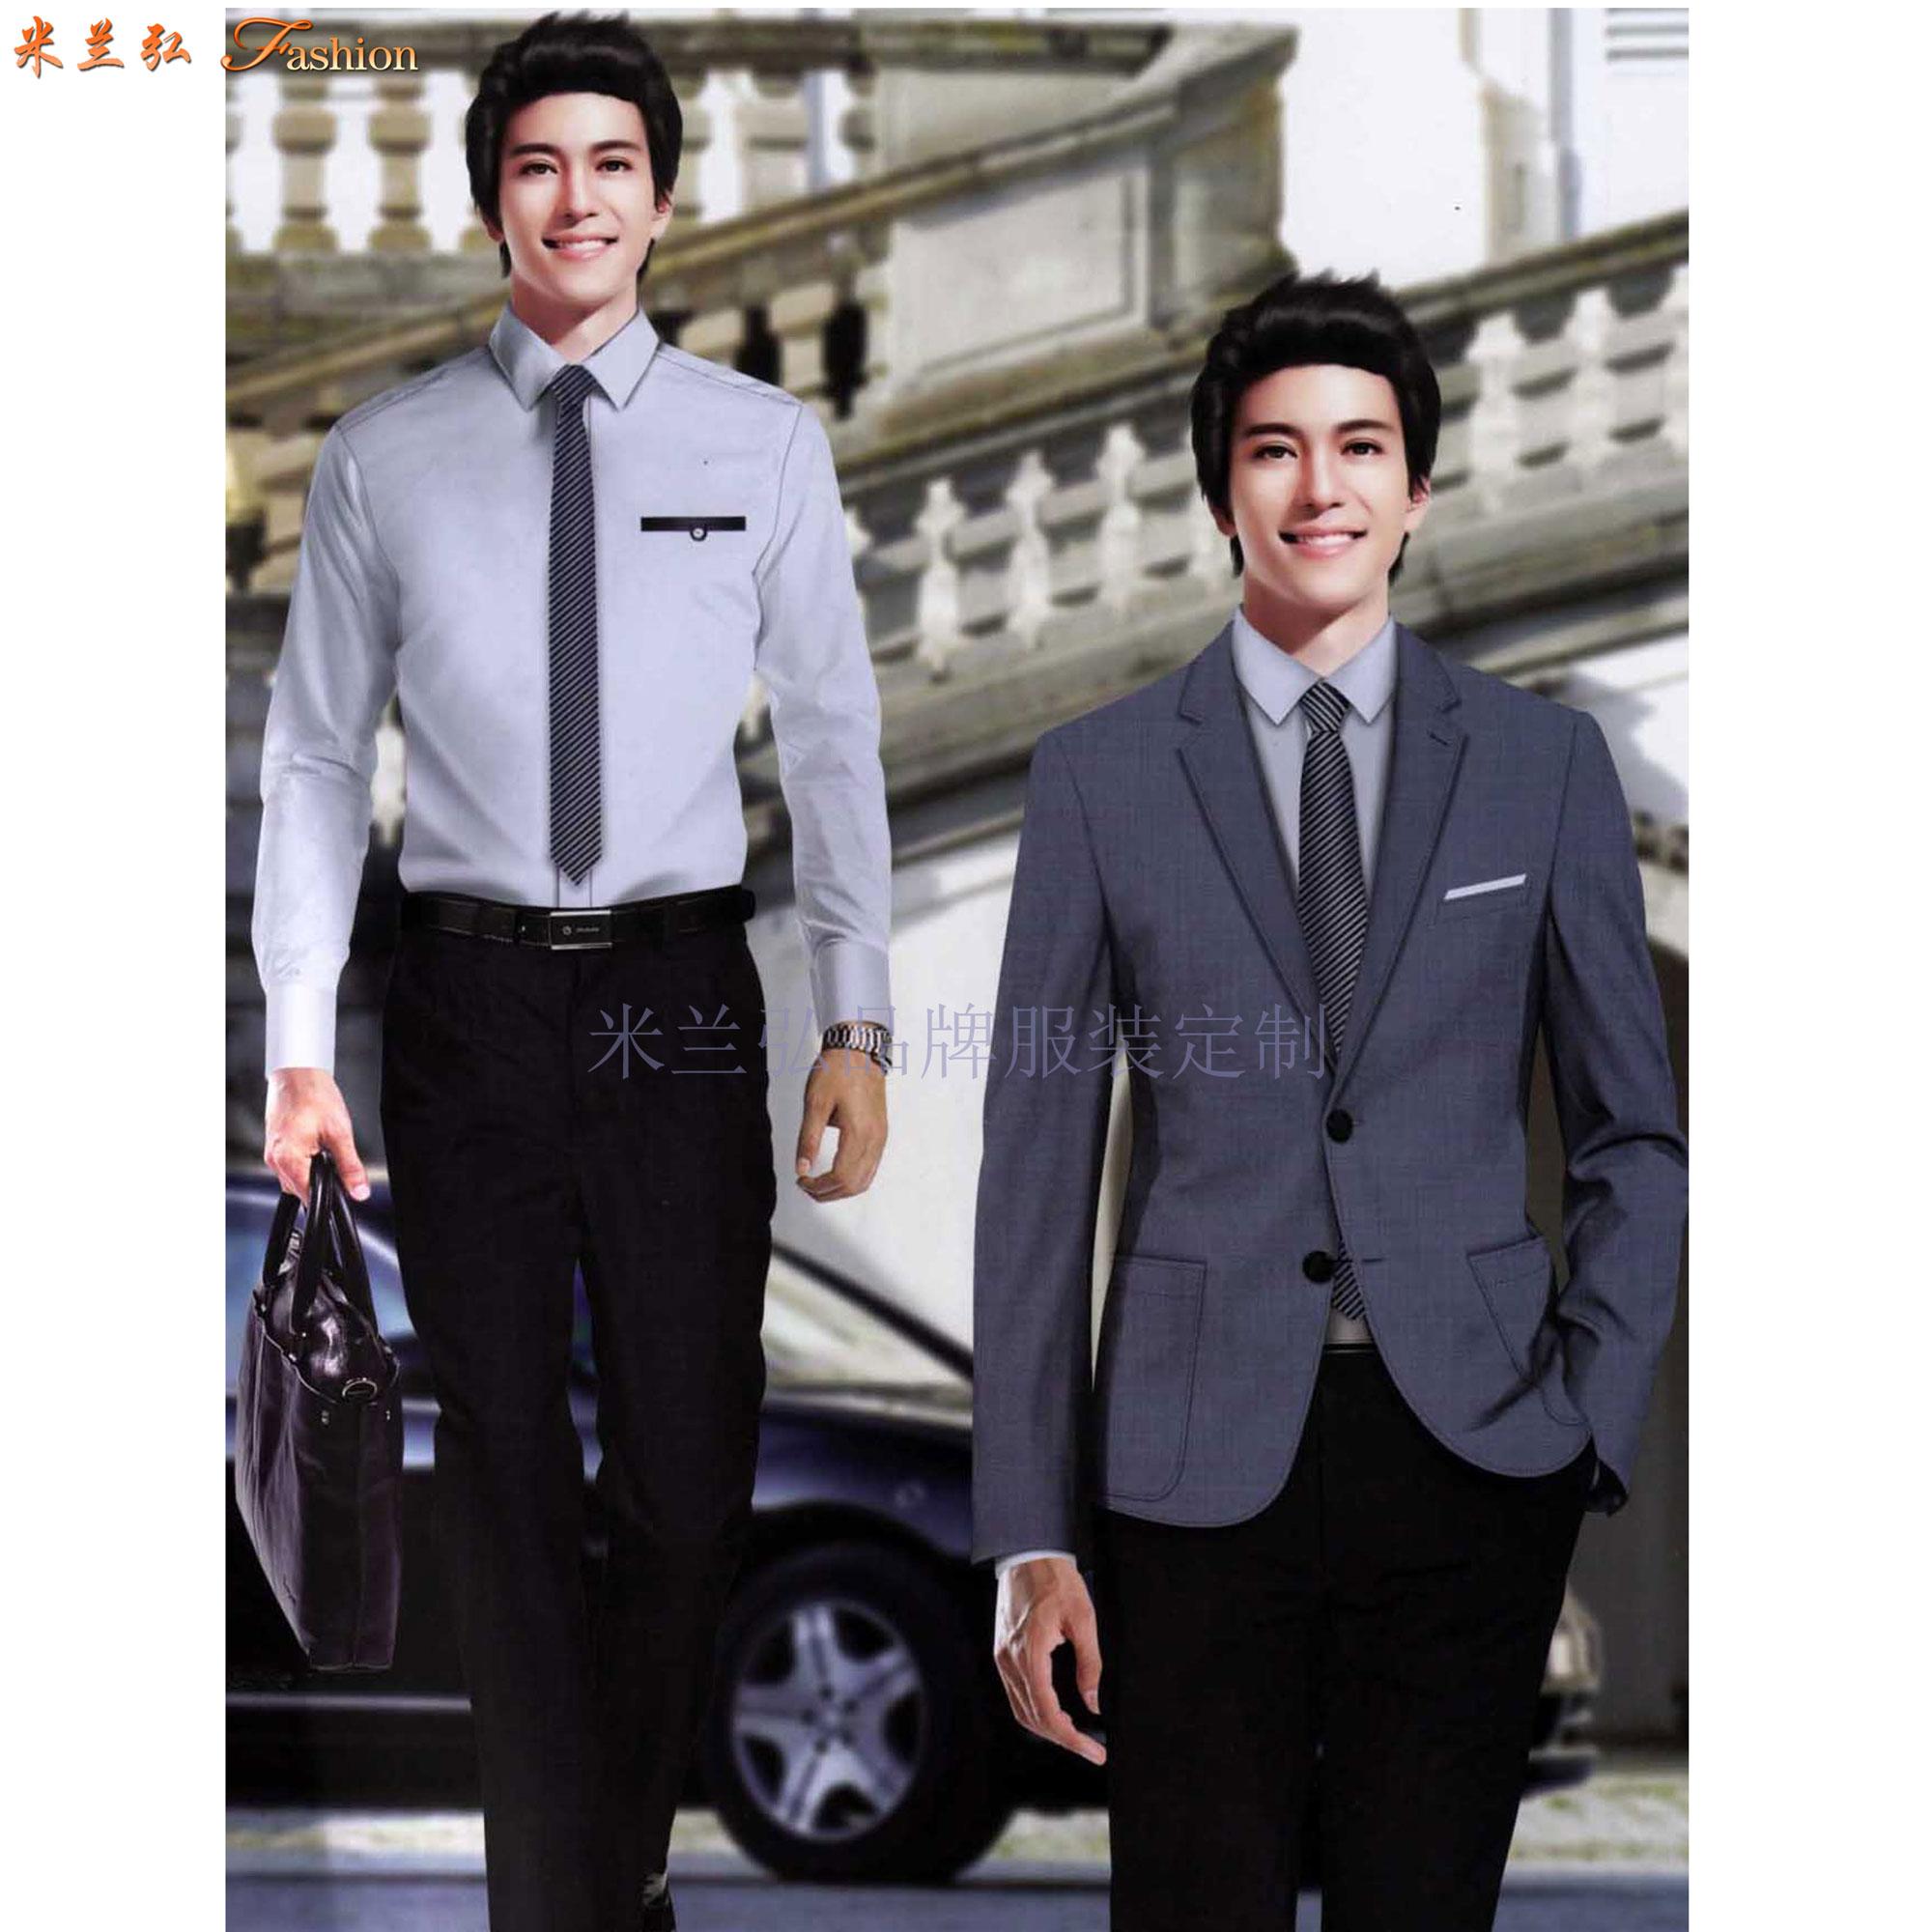 北京西服定制品牌|北京靠譜的中高檔西裝定制公司-Pro米蘭弘